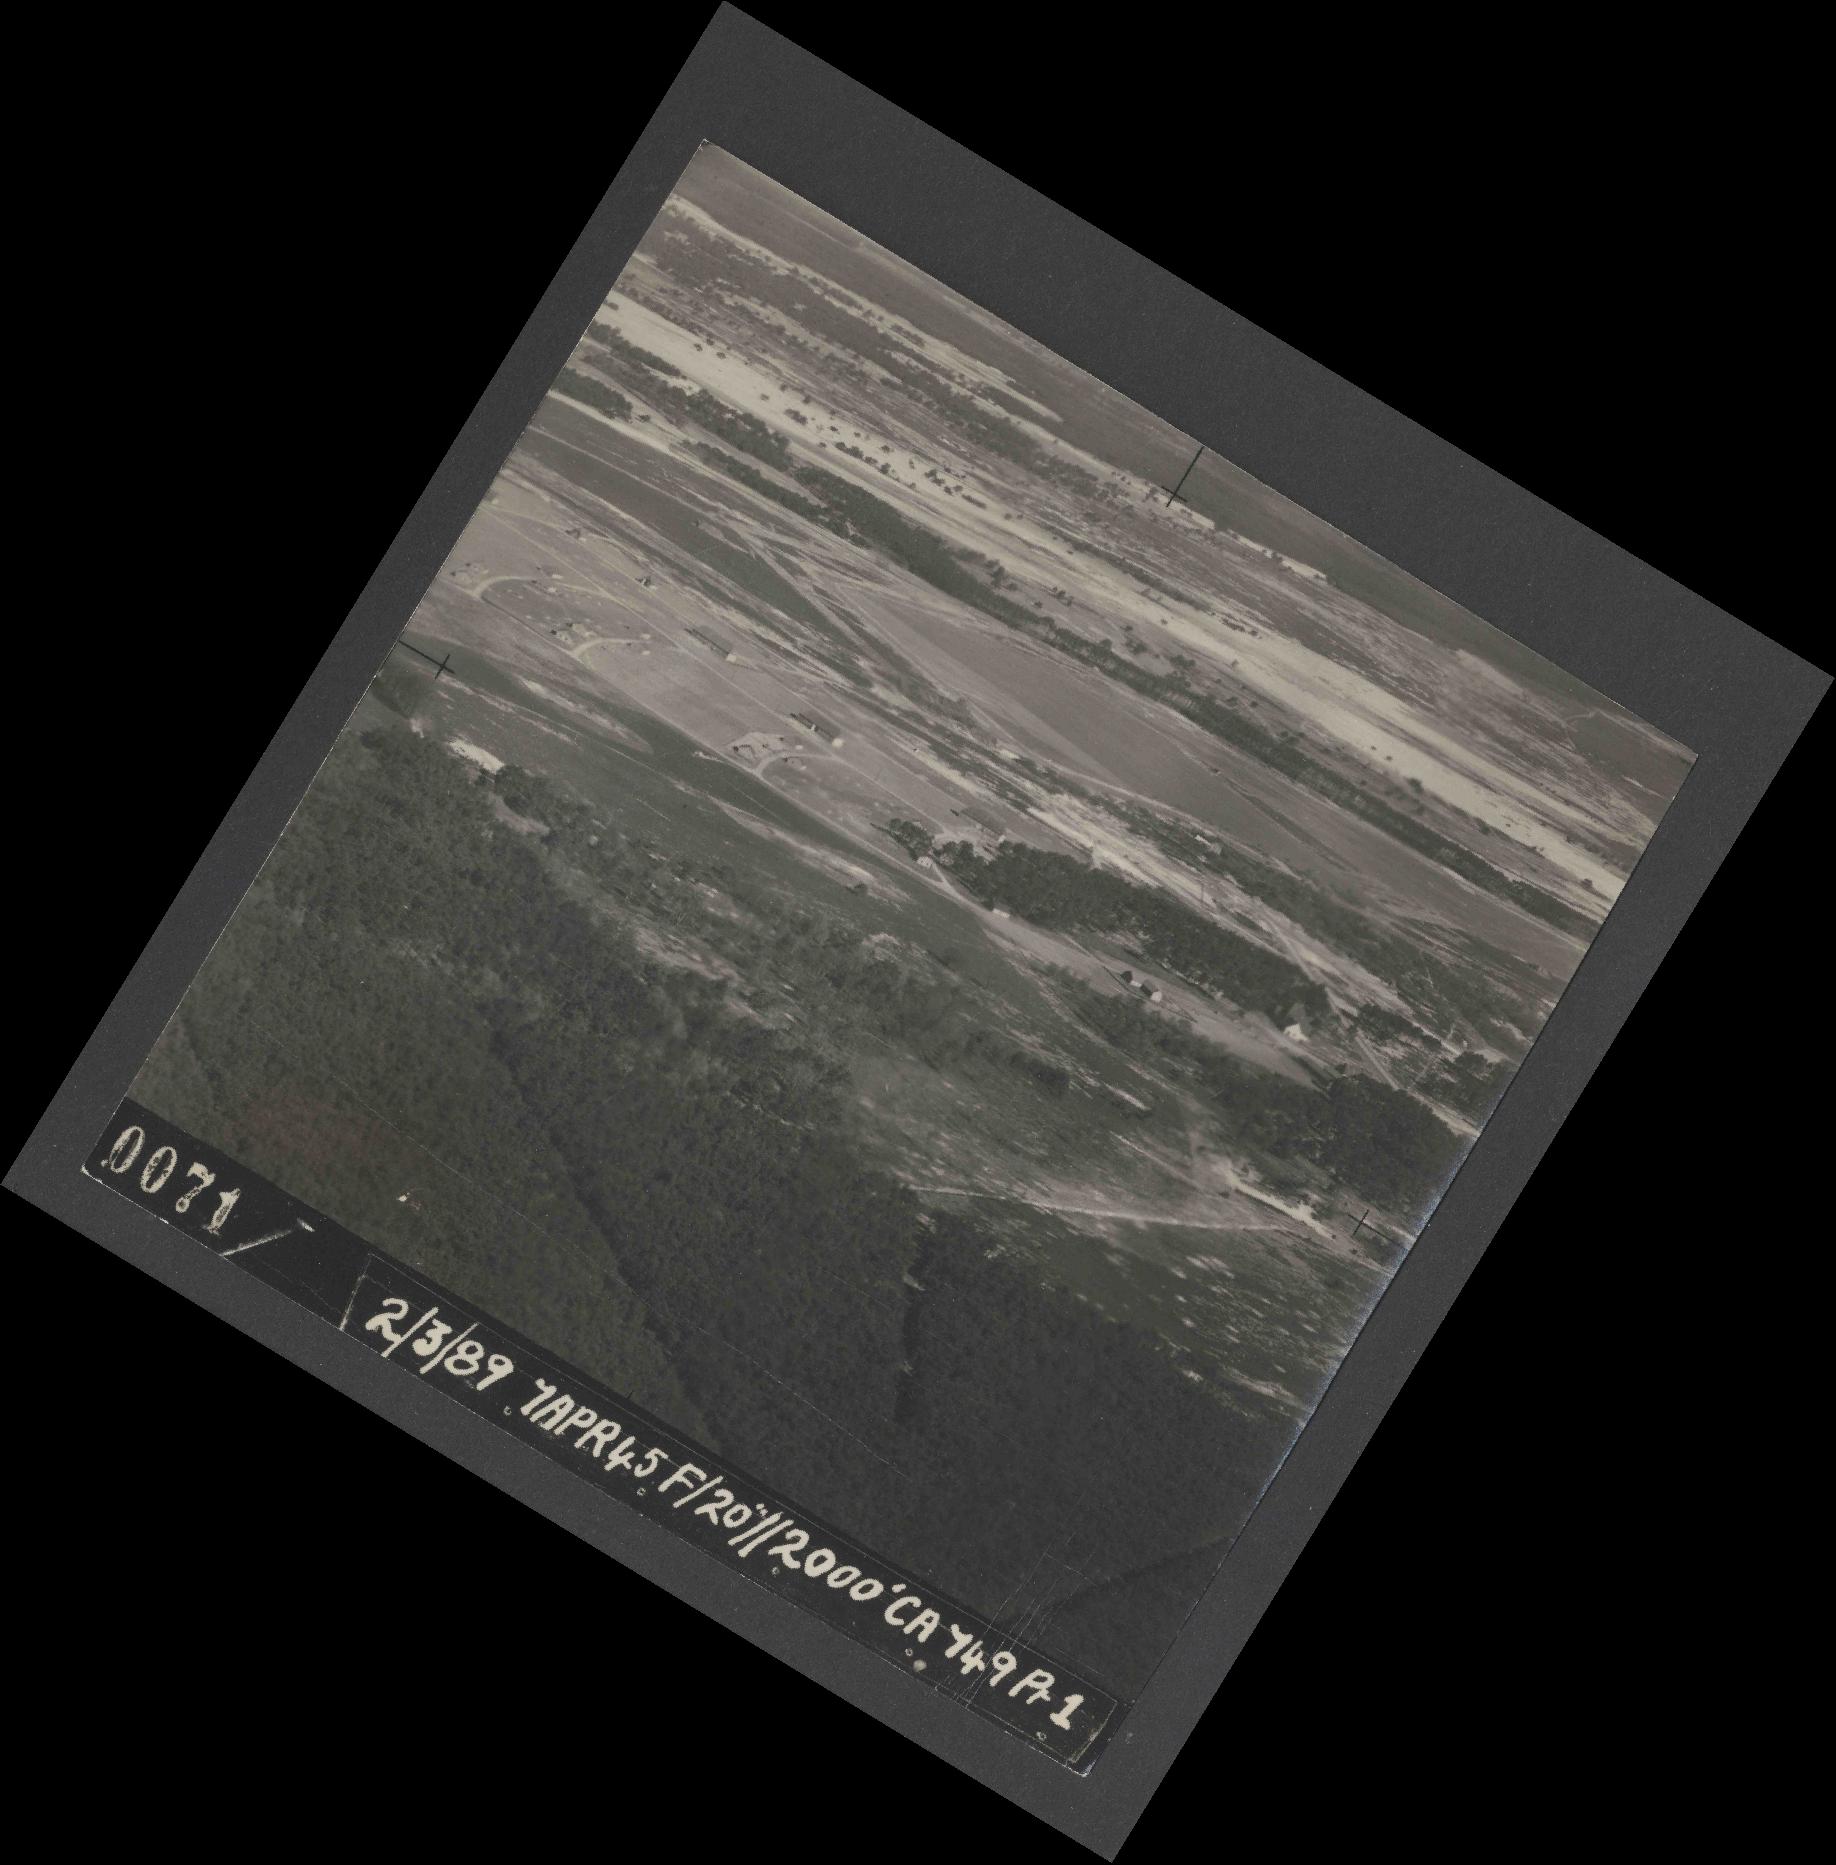 Collection RAF aerial photos 1940-1945 - flight 530, run 01, photo 0071